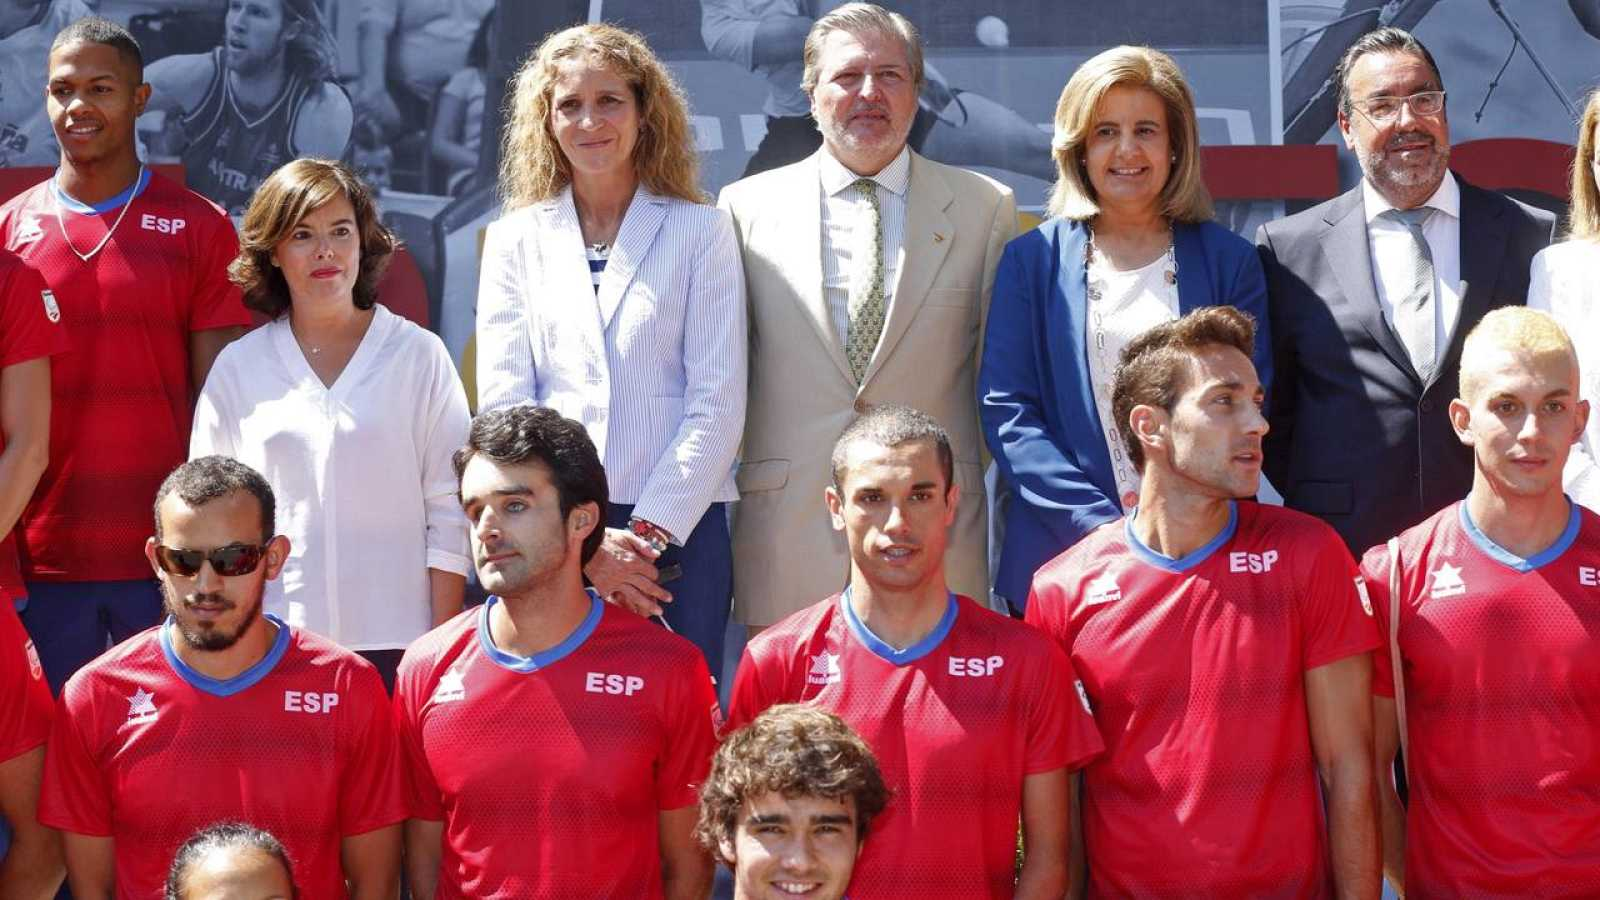 El equipo paralímpico español espera superar las 42 medallas de Londres 2012